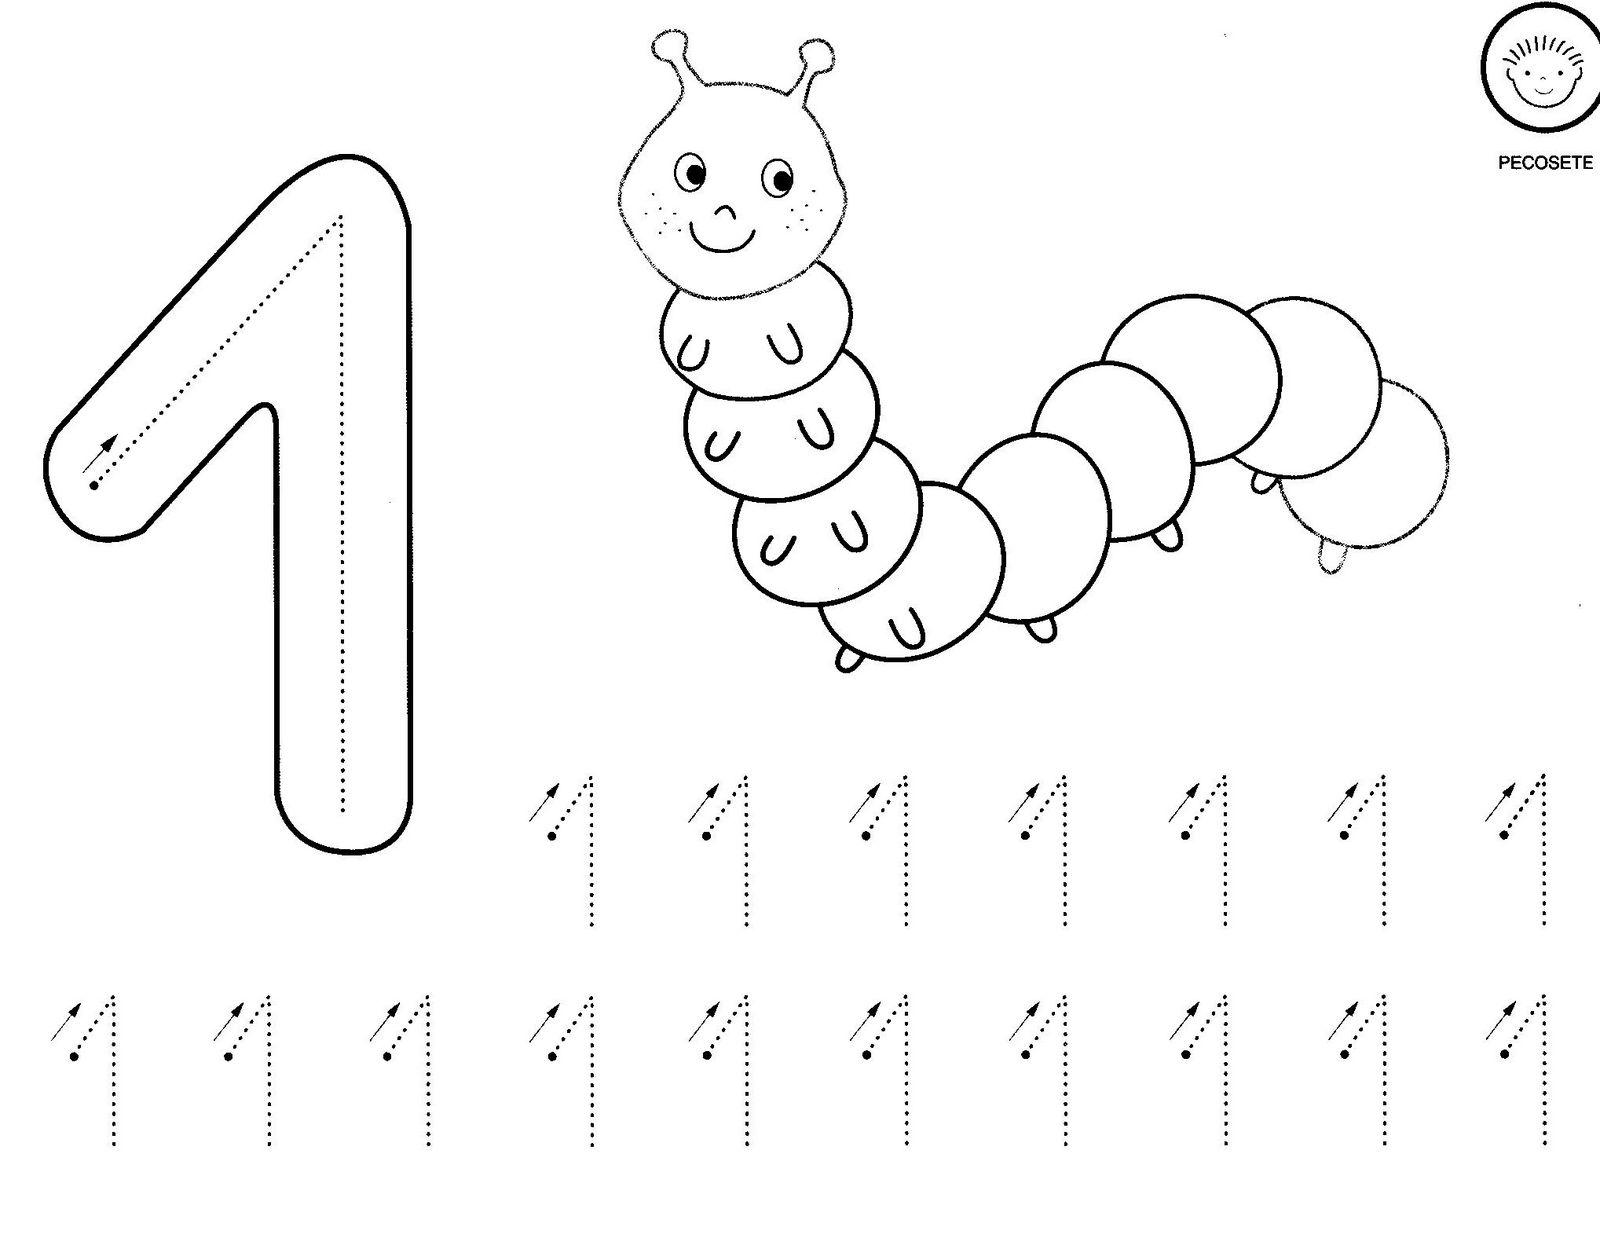 Fichas de aprendizaje fichas del numero 1 - Como pintar numeros en la pared ...